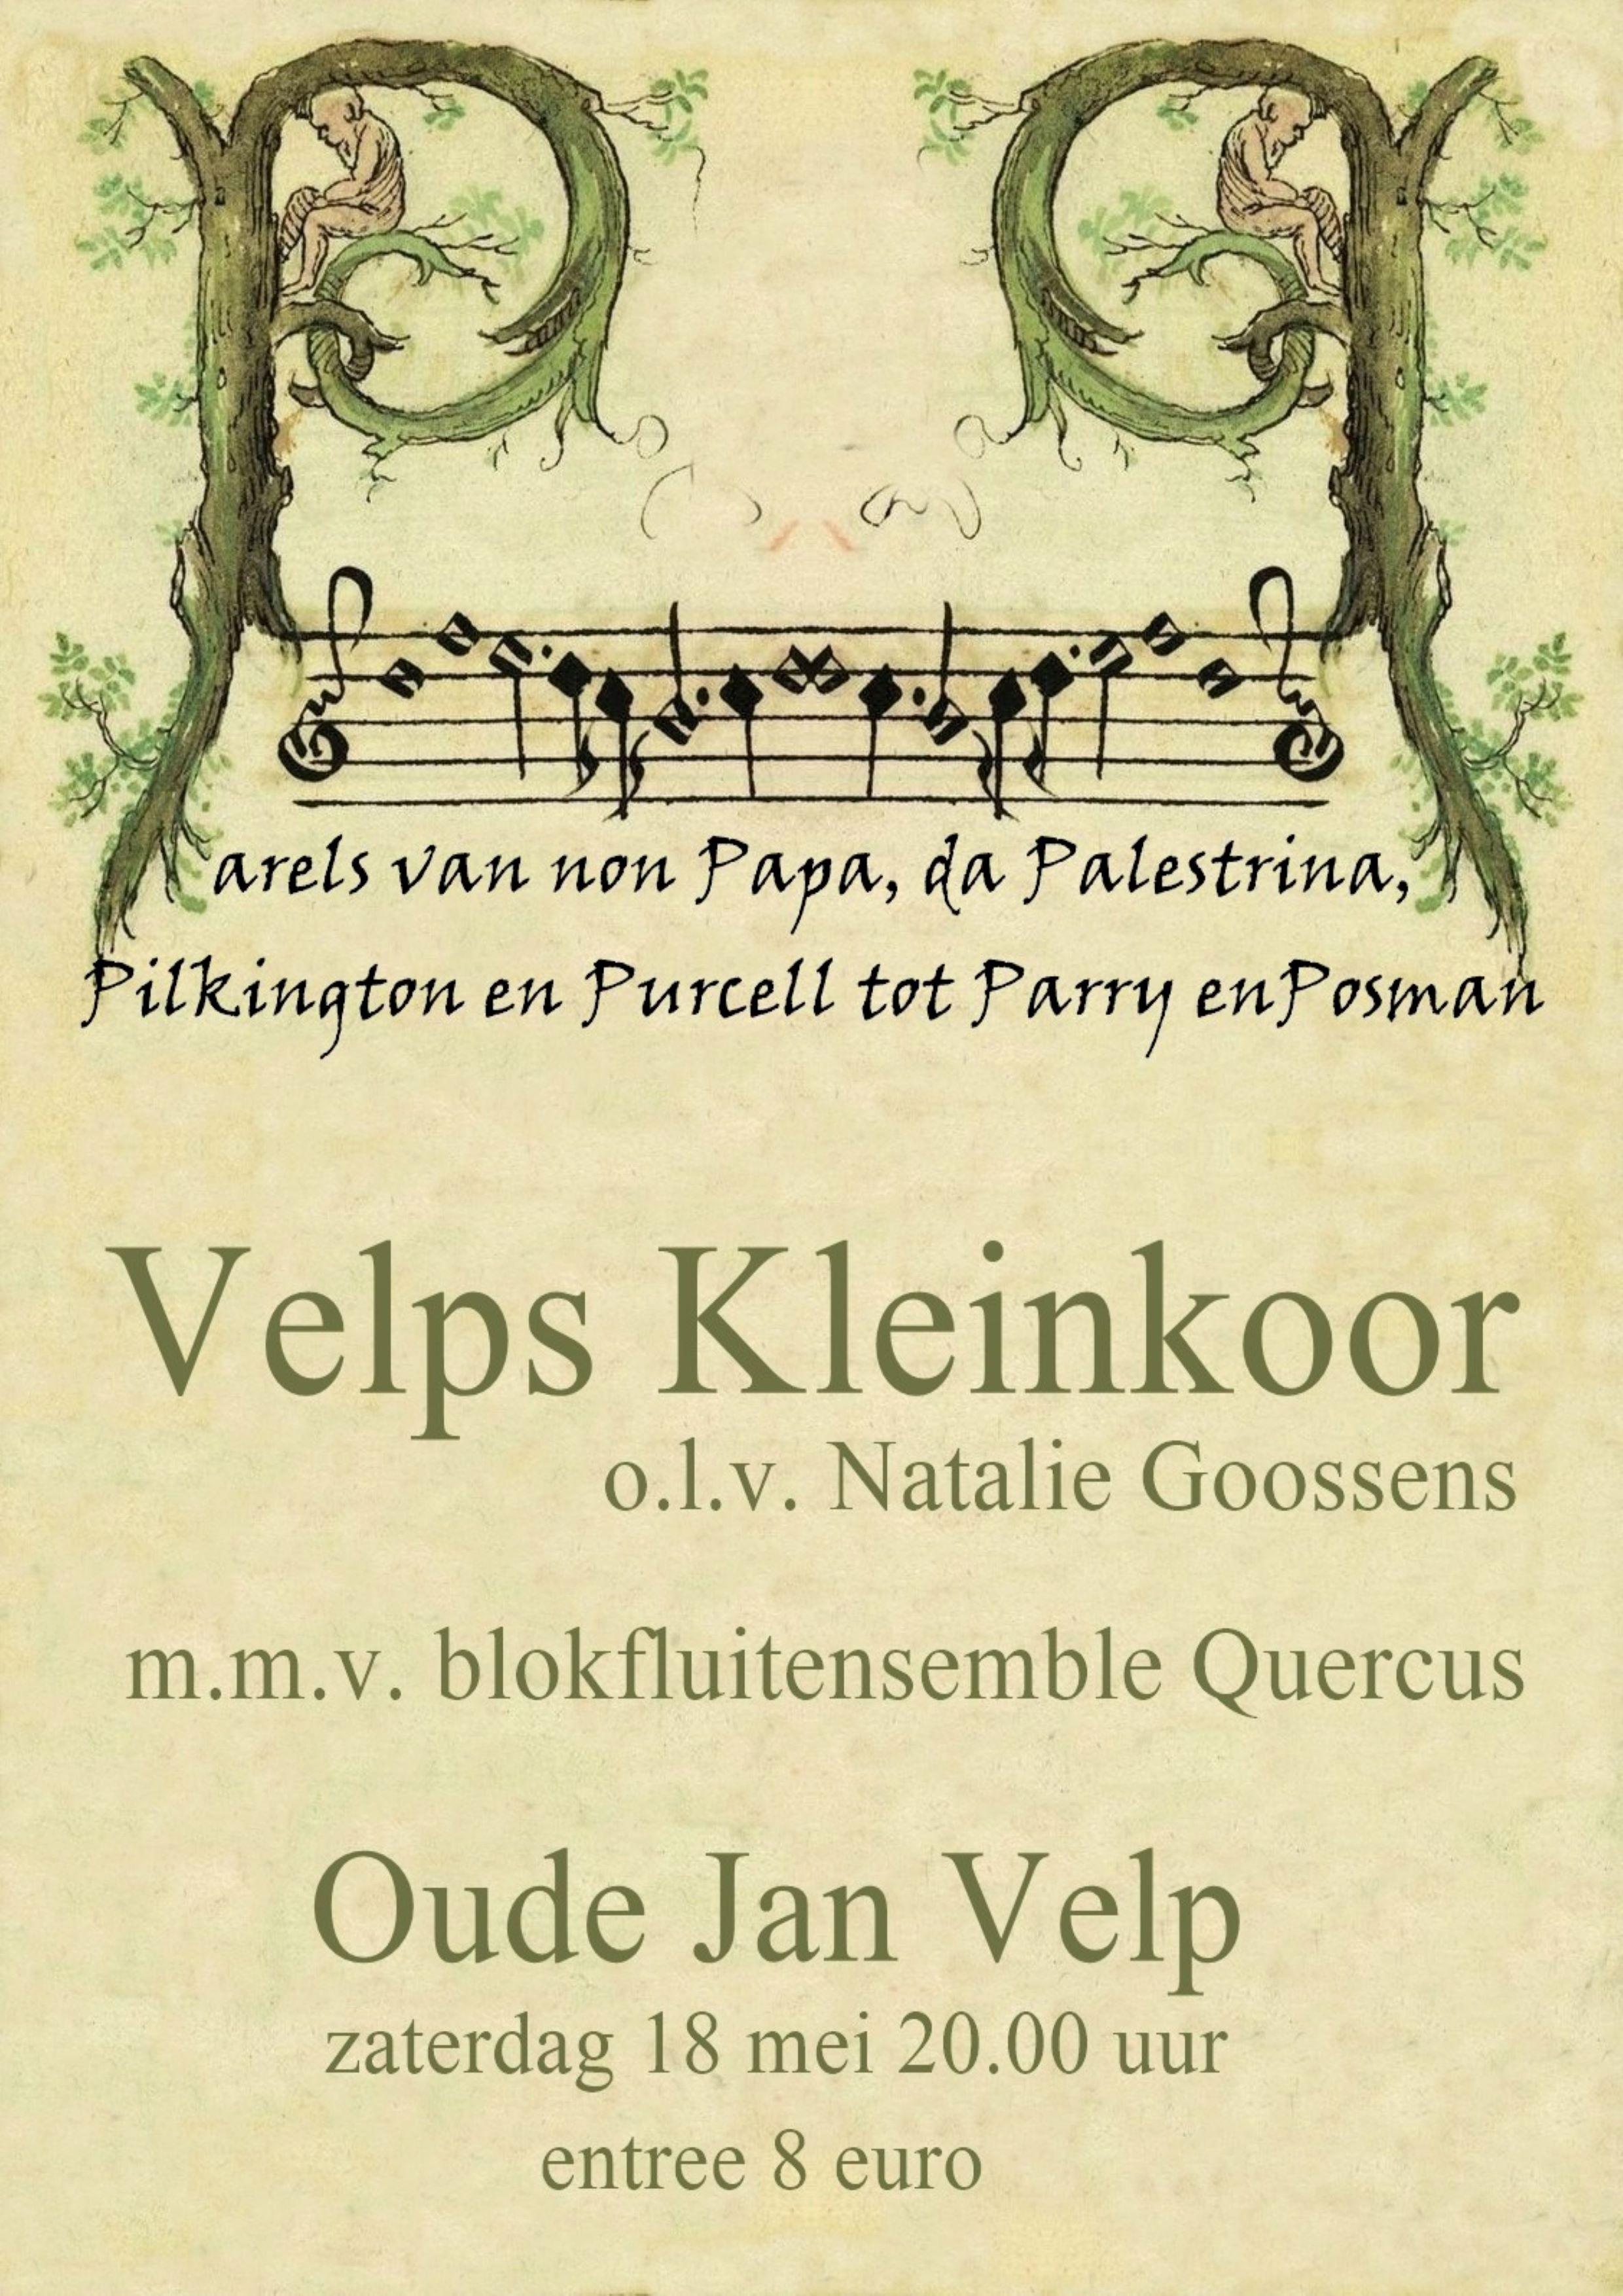 Velps Kleinkoor & Blokfluitensemble Quercus